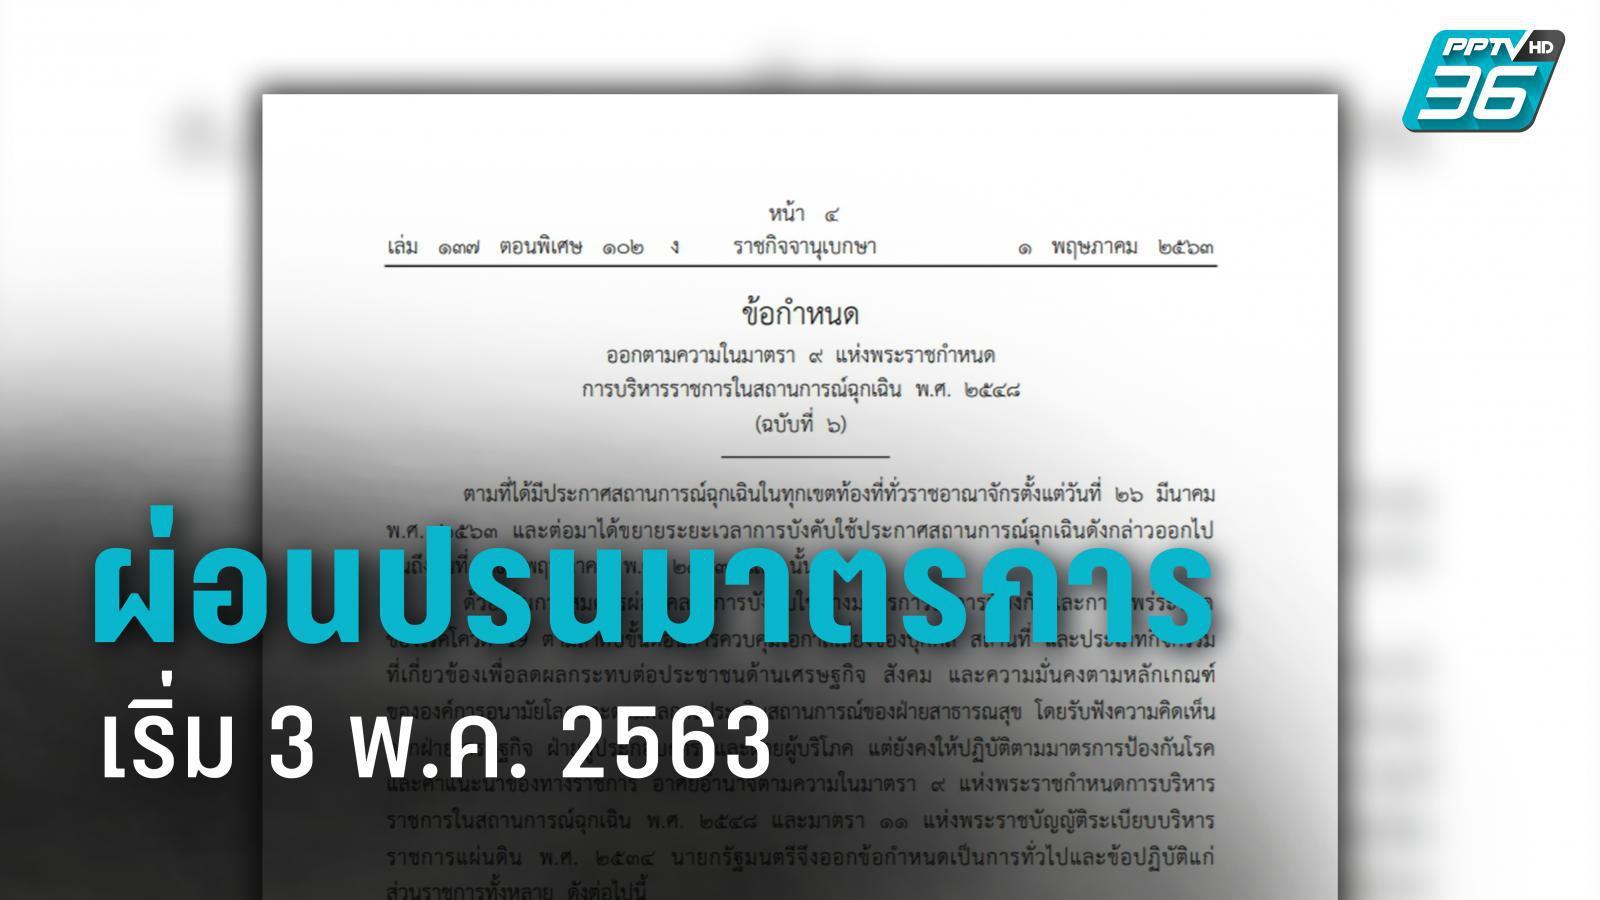 ราชกิจจาฯ ประกาศคำสั่งนายกฯ ผ่อนปรนกิจกรรม-สถานประกอบการ เริ่ม 3 พ.ค.